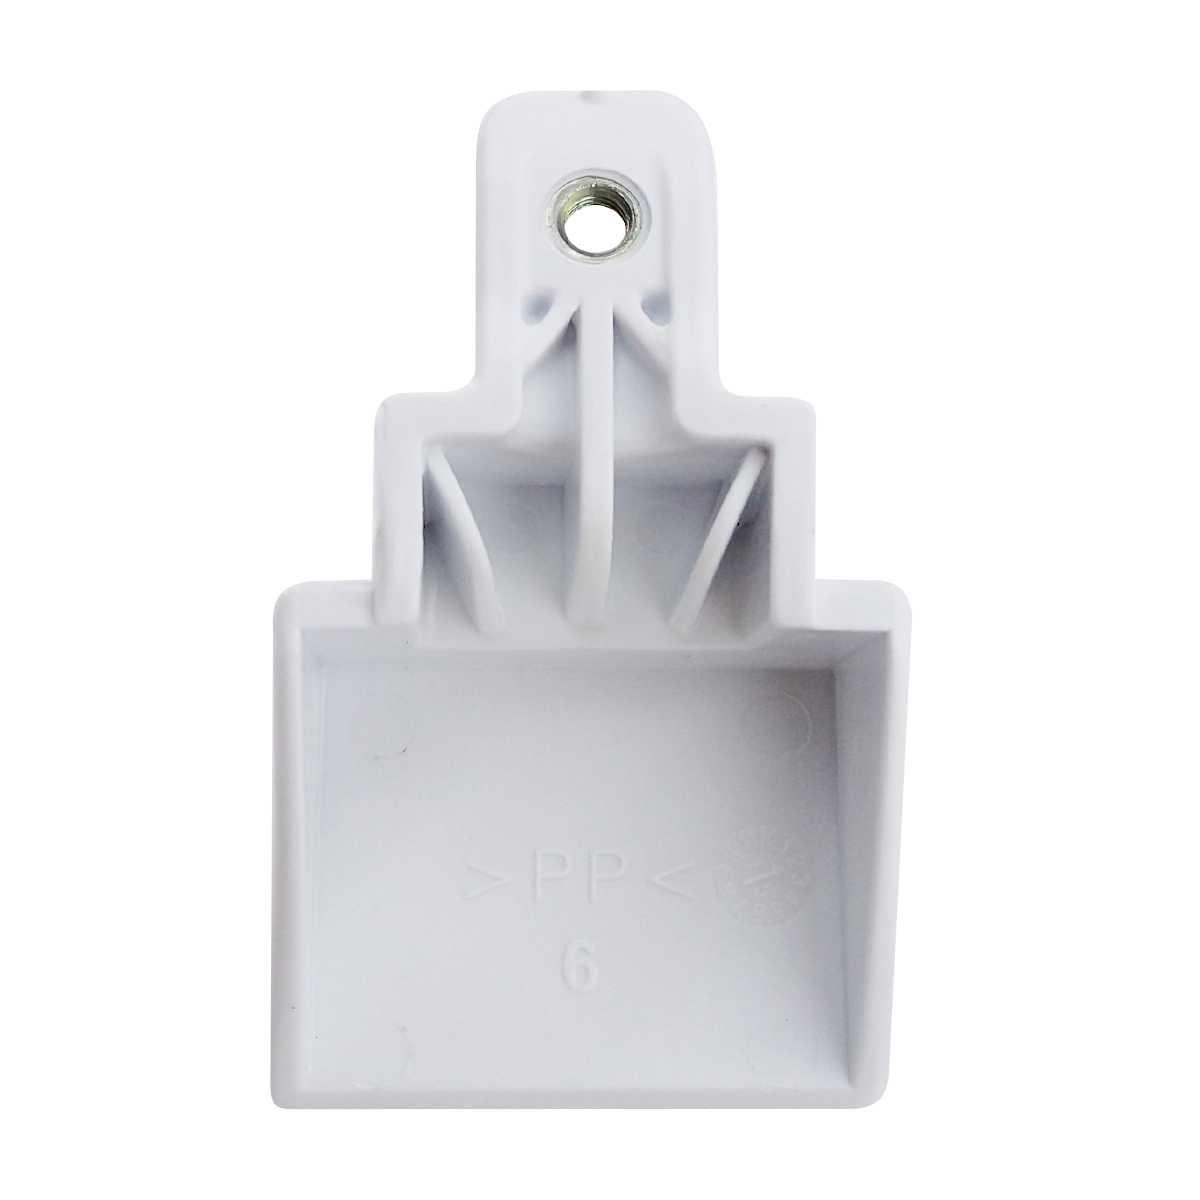 Suporte inferior do puxador da geladeira Electrolux DFW52, DF51, DF52, DF42